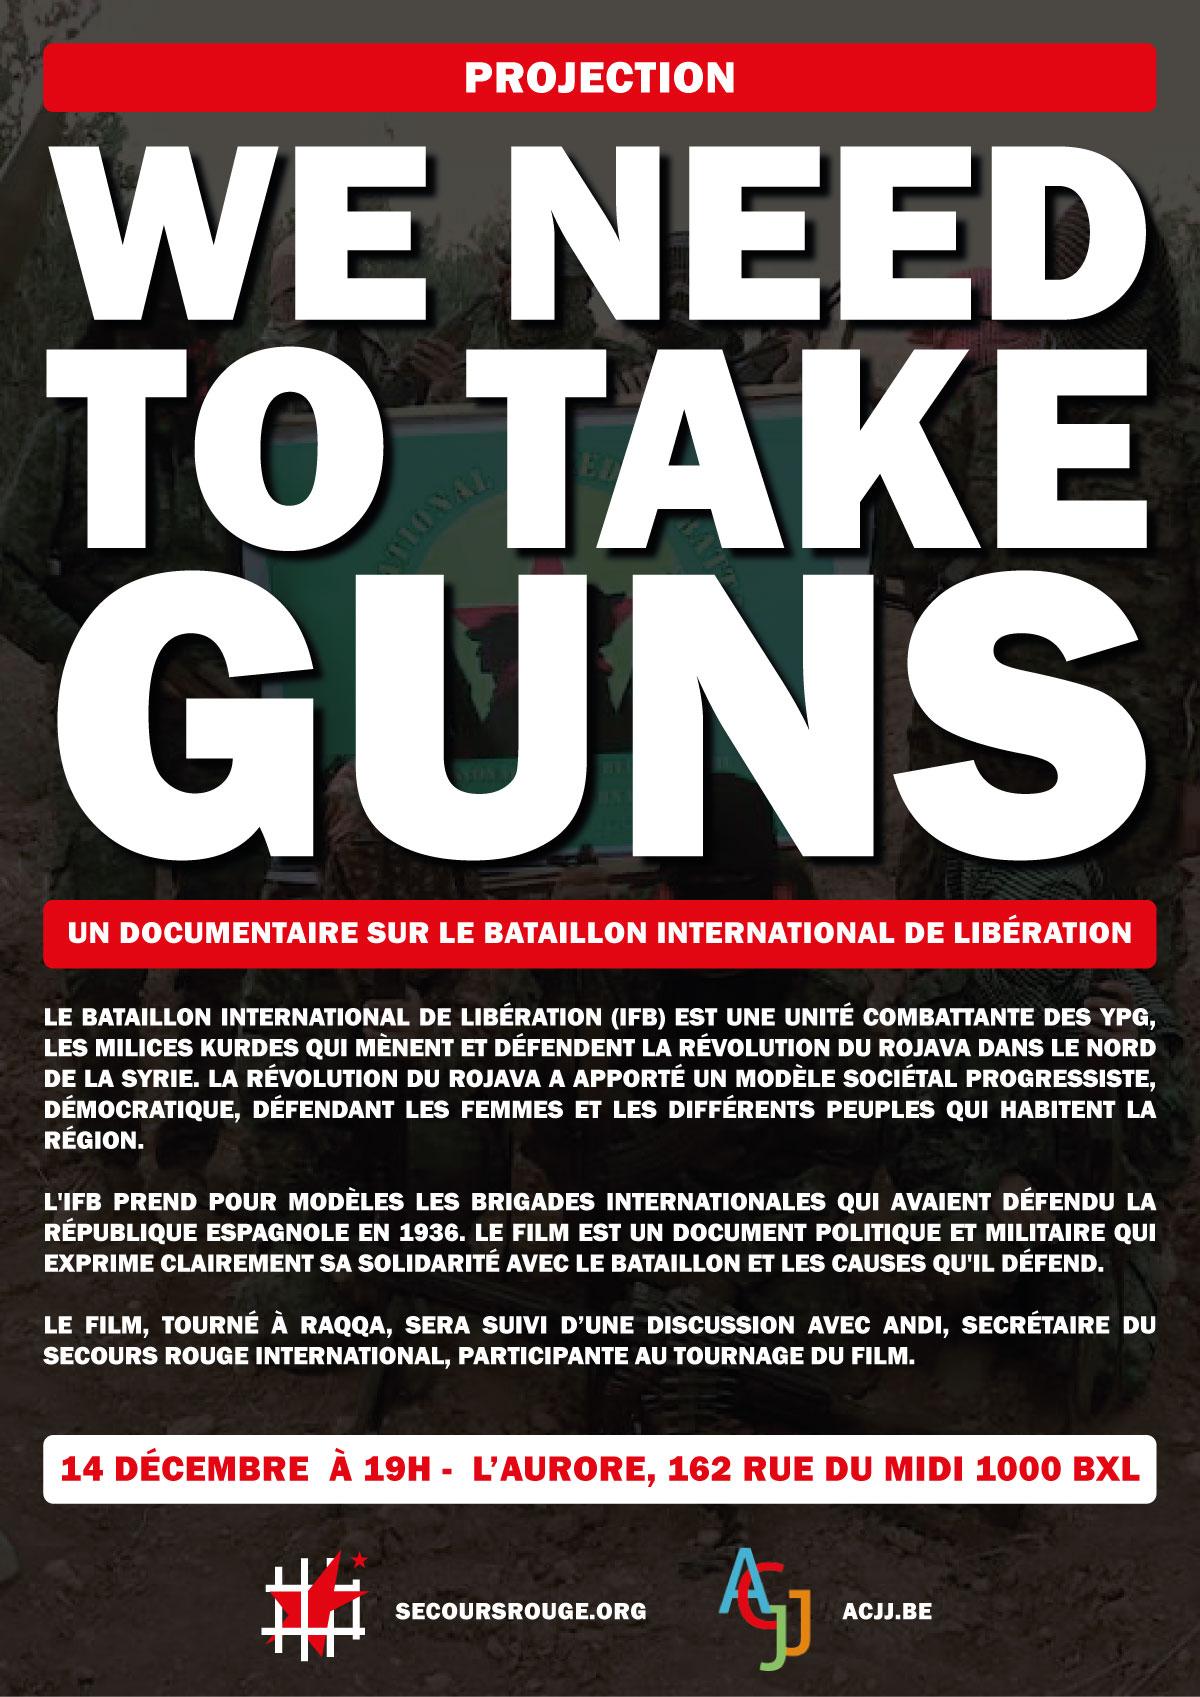 We need to take guns